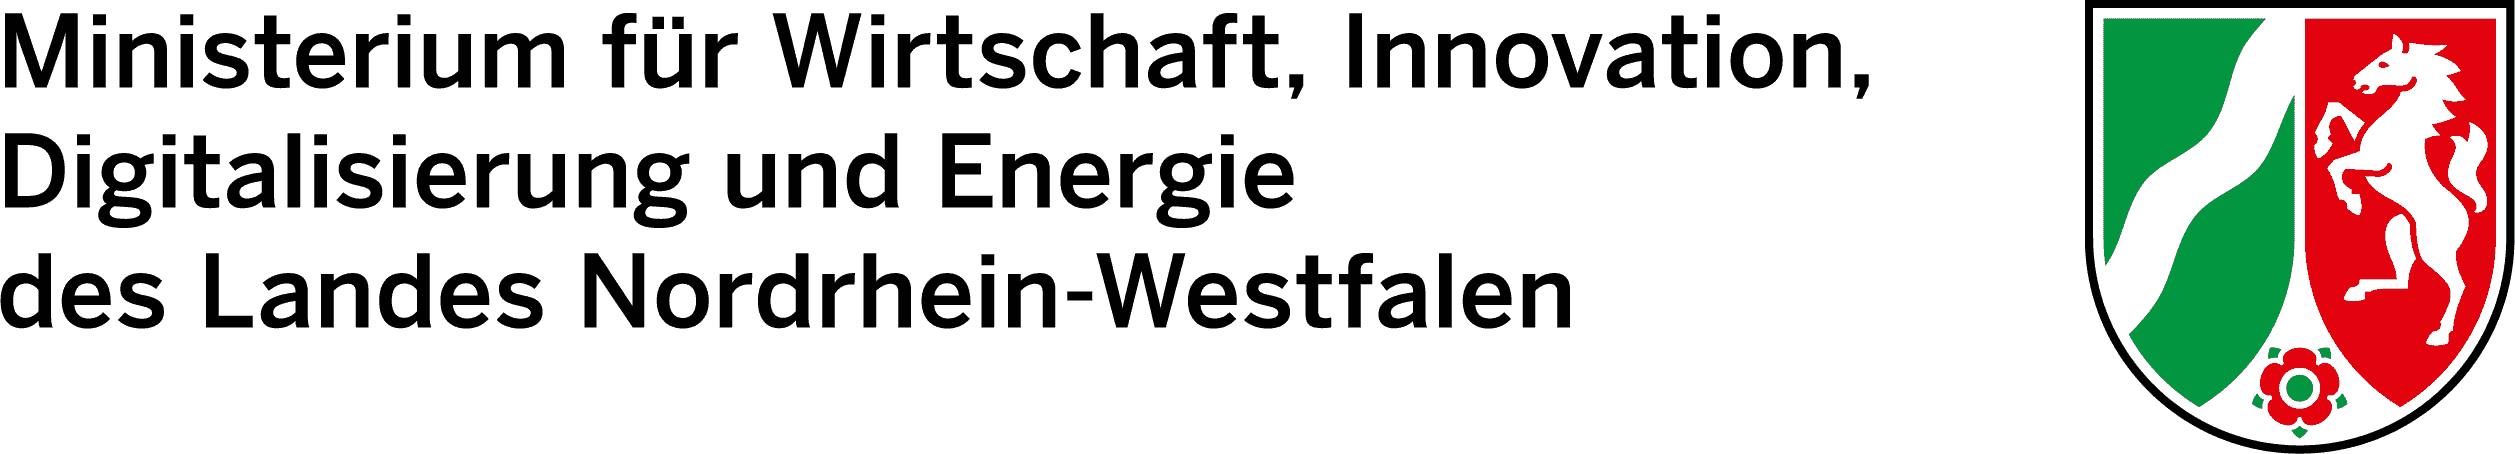 nrw-mweimh-logo-fs8